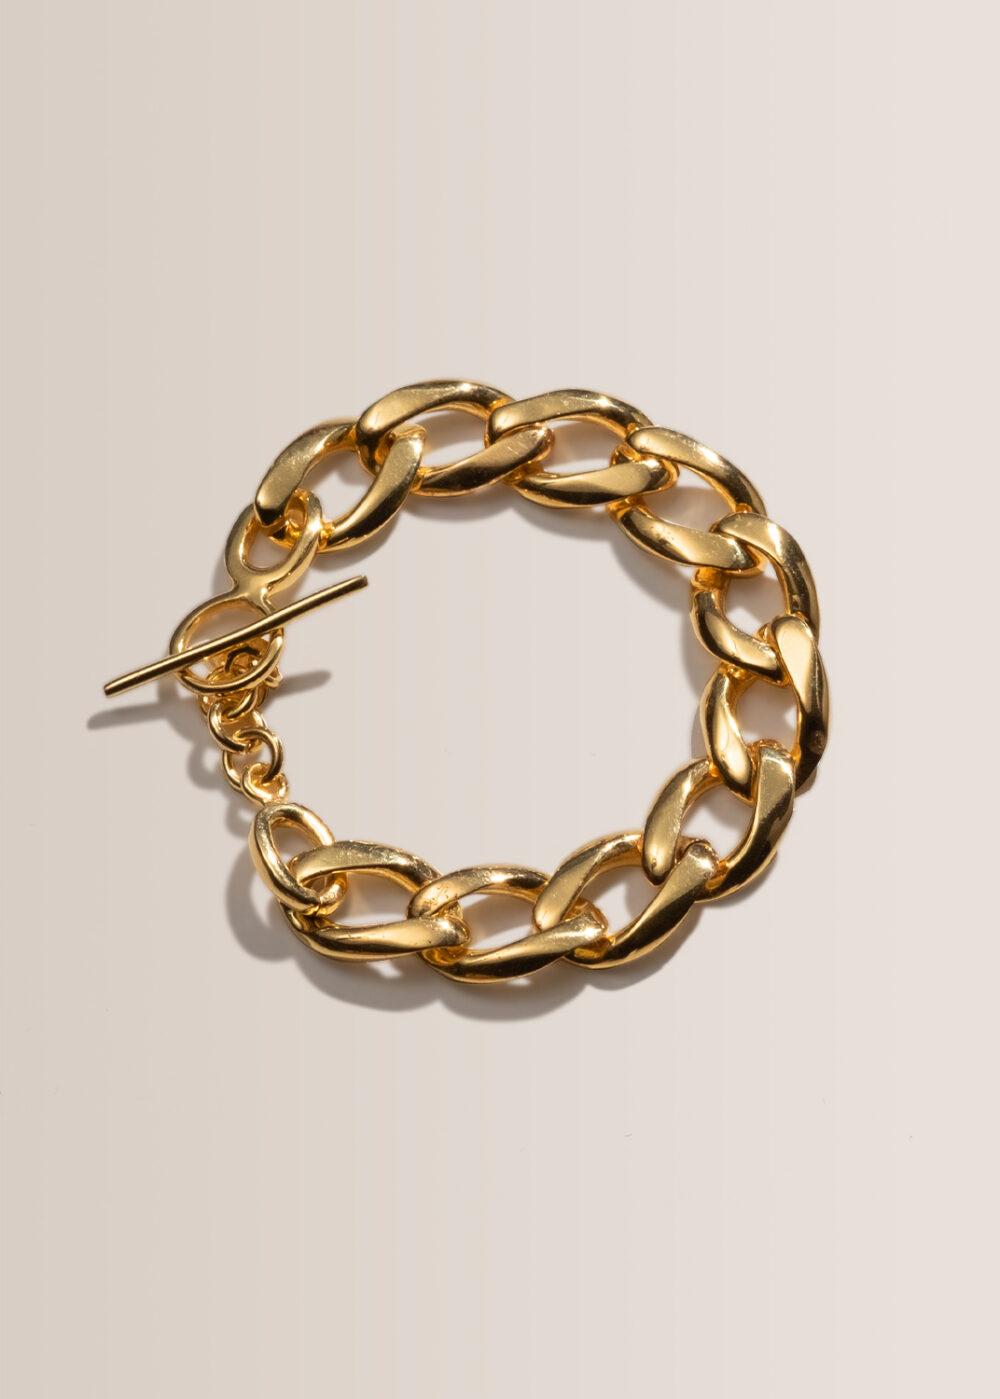 Athena-Gliederketten-Armband-gold-glaenzend